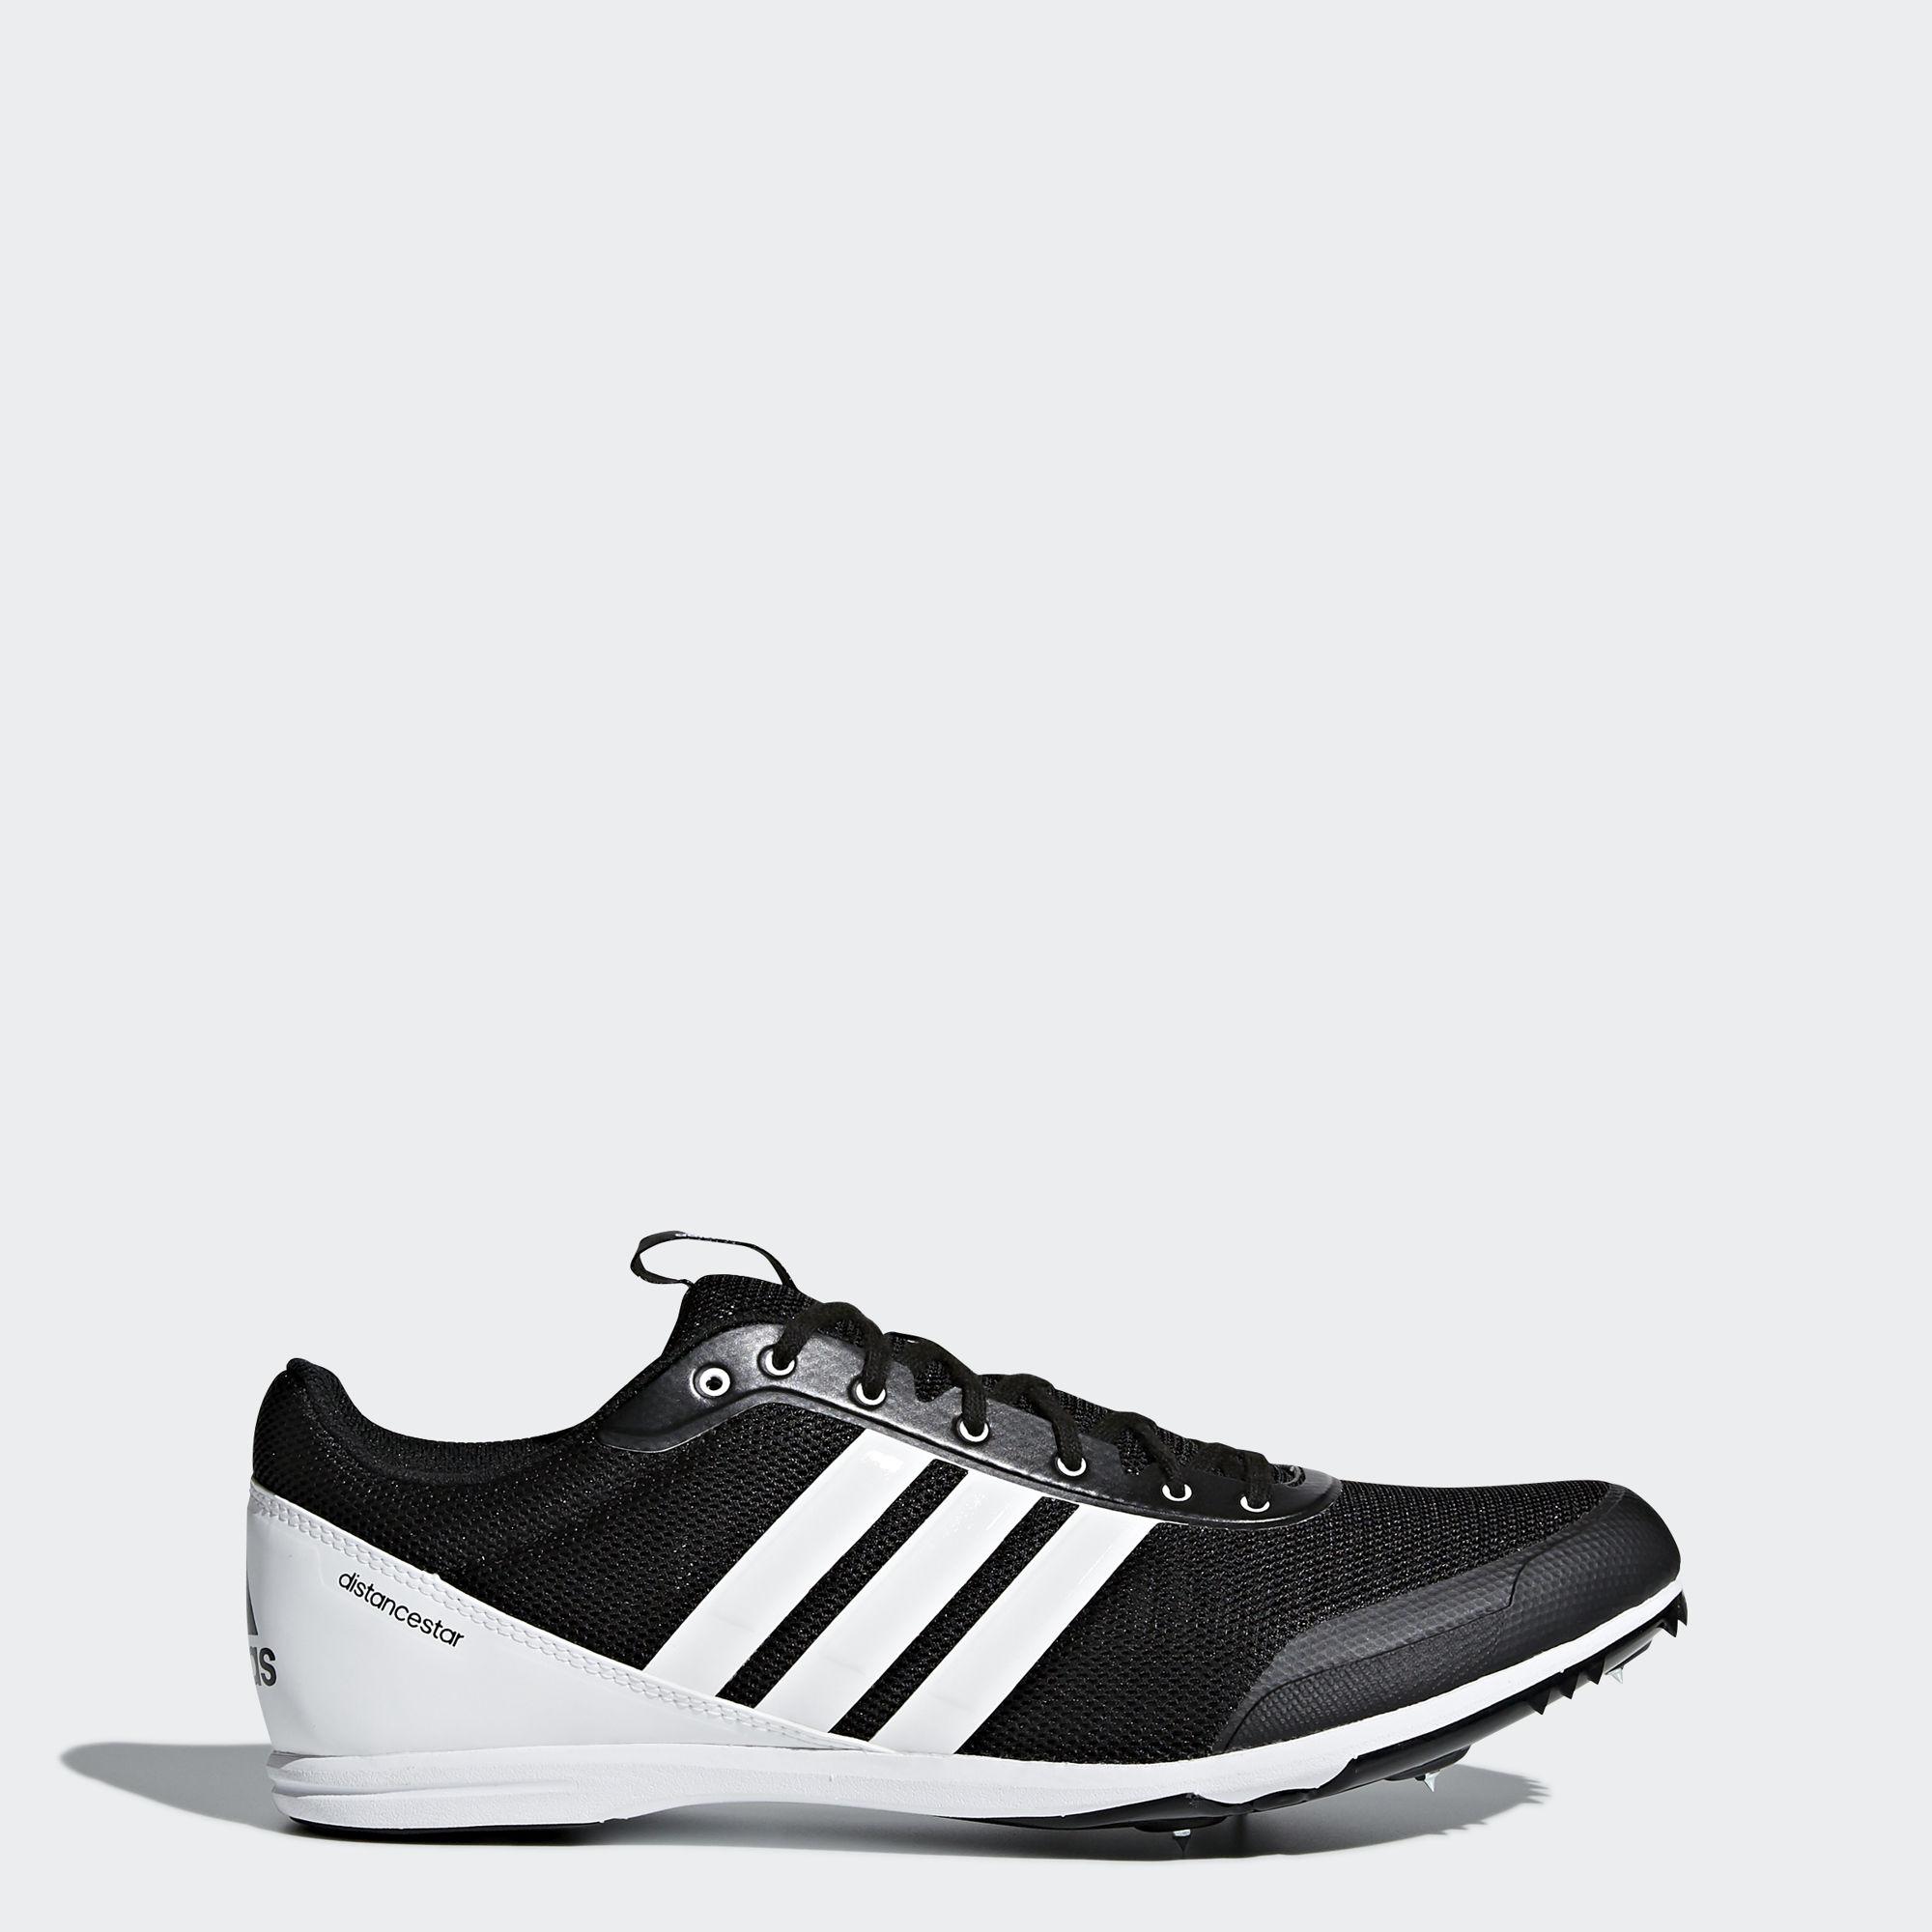 adidas Distancestar in Schwarz Weiß